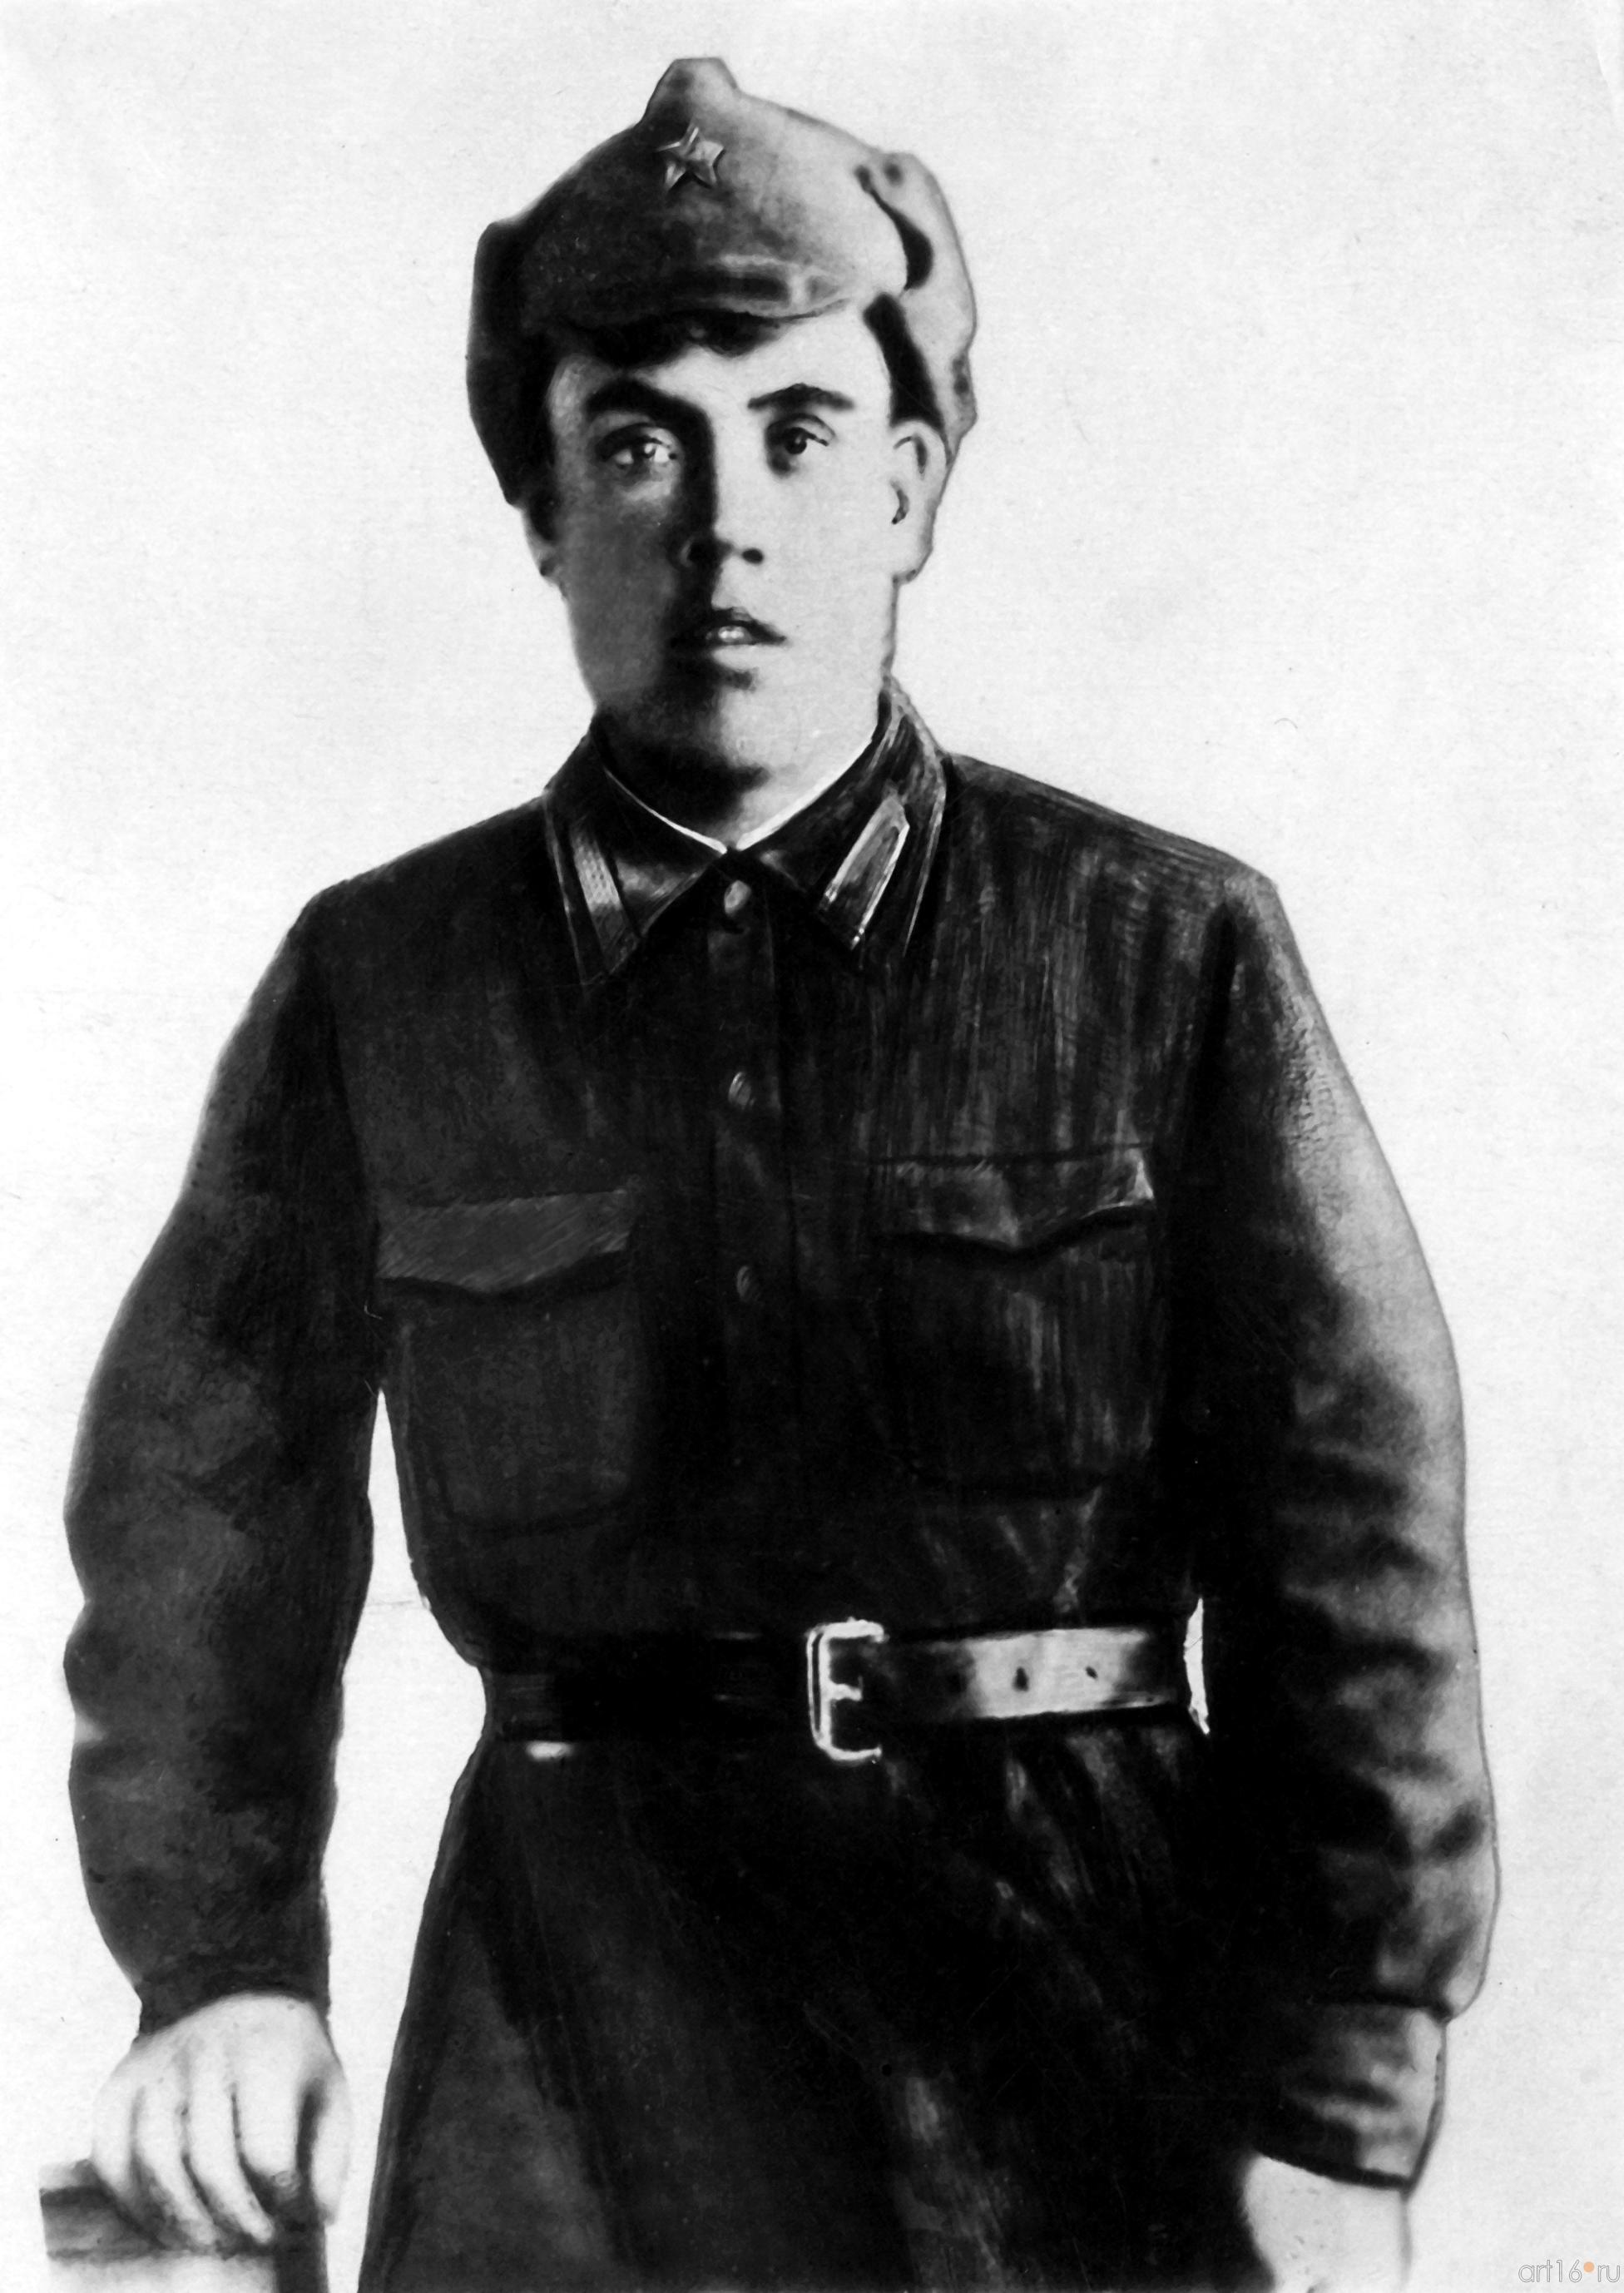 Газинур Гафиатуллин, 1942::Выставка к Дню Победы. 9 мая 2013 г.